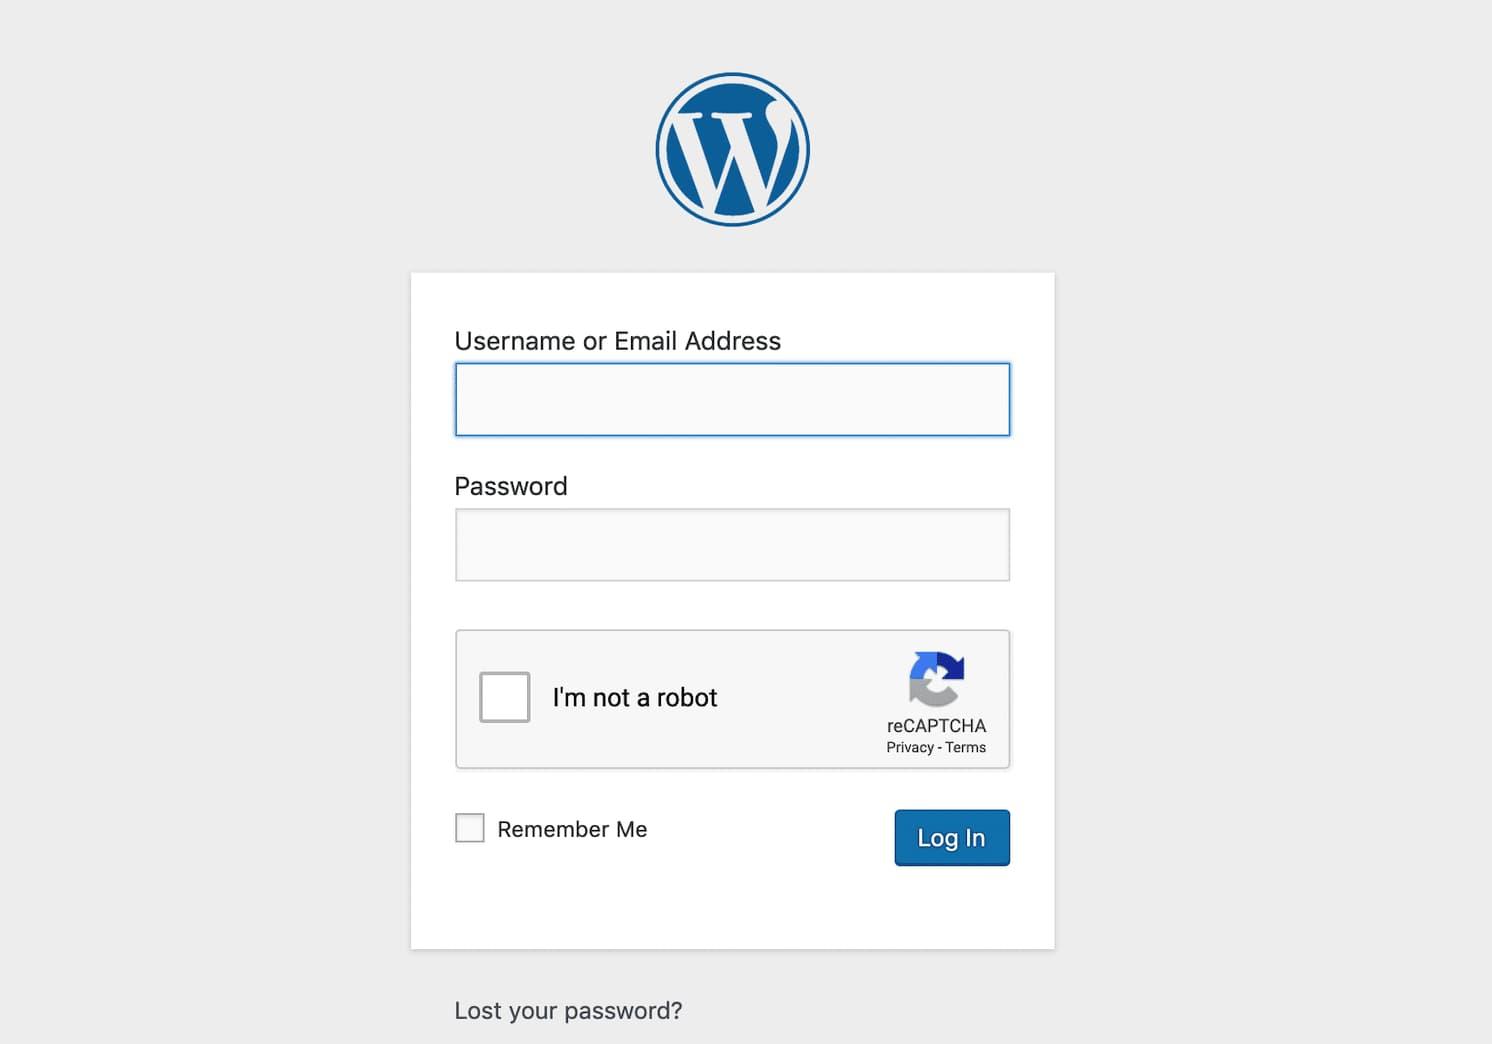 Casilla de verificación de Google reCAPTCHA en la página de inicio de sesión de WordPress